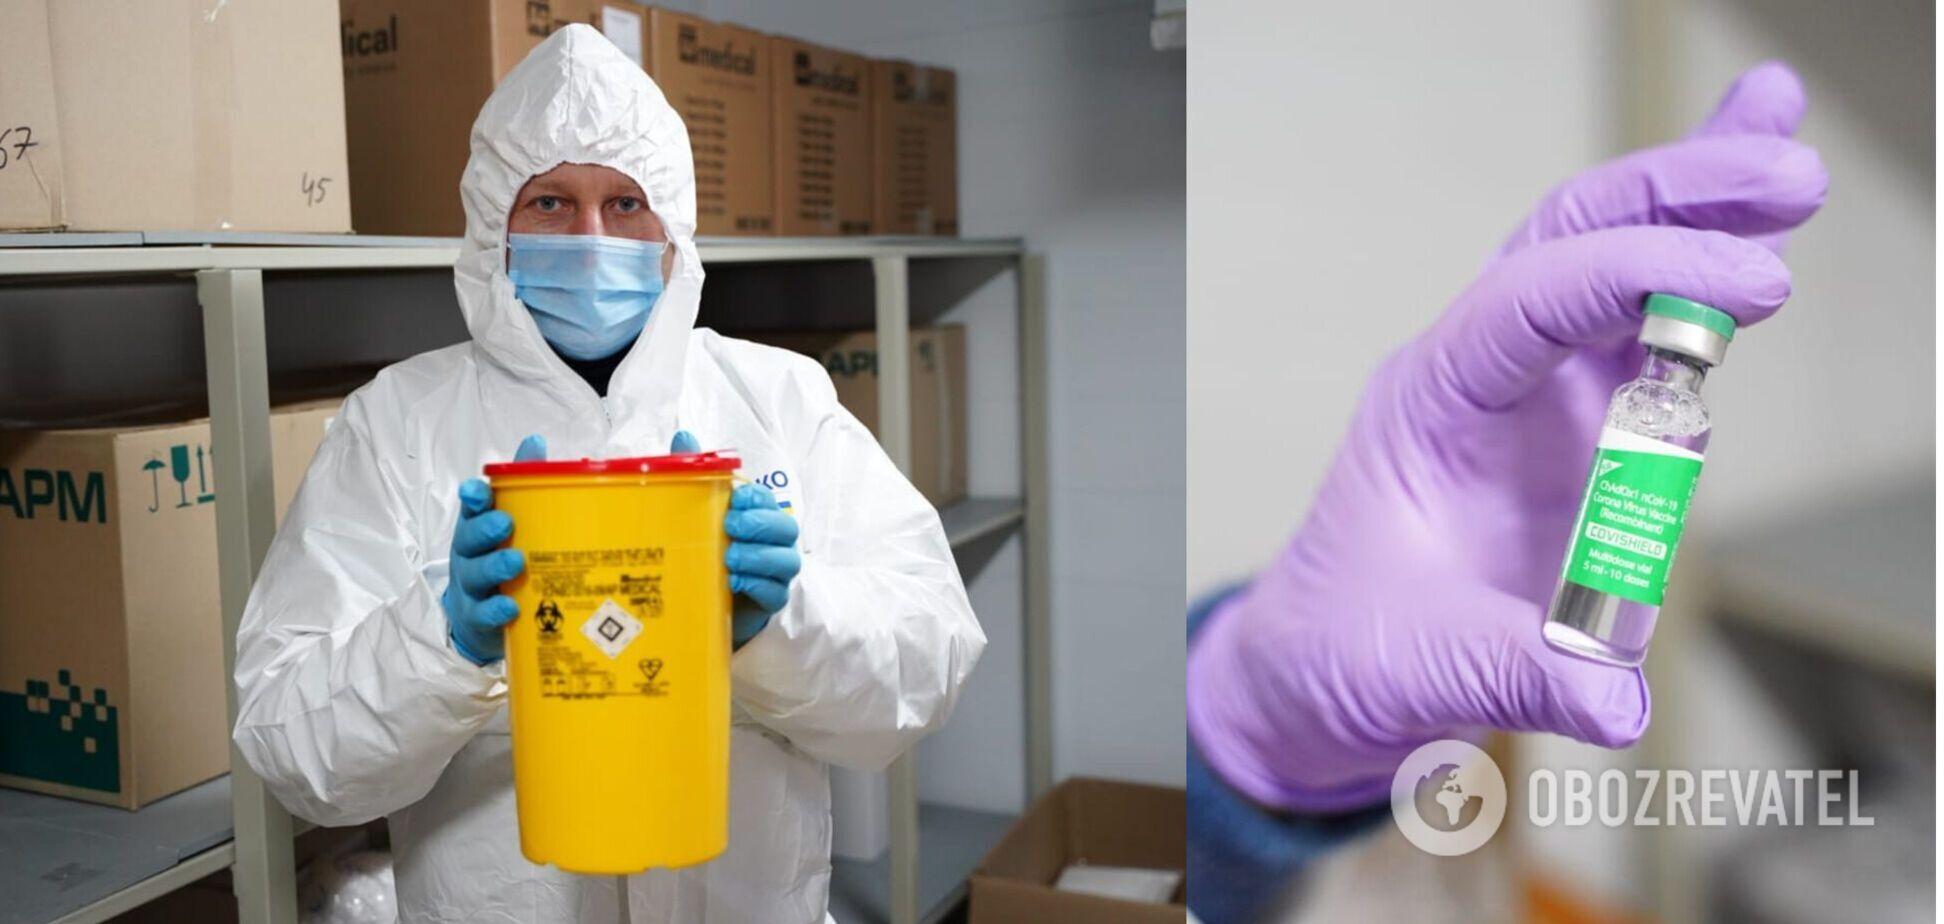 Вакцинація проти коронавірусу в Україні